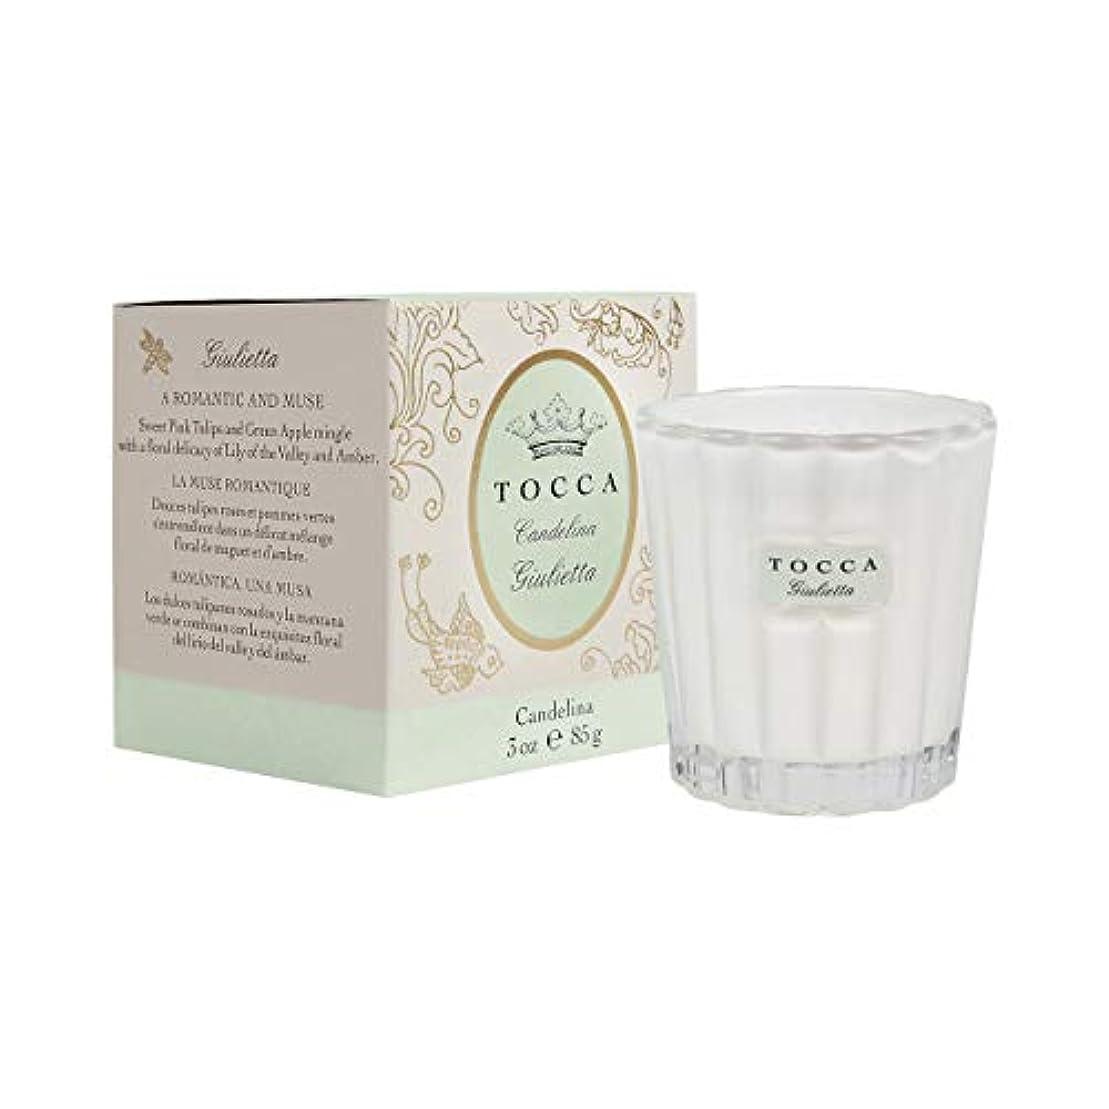 廃止する案件グラフィックトッカ(TOCCA) キャンデリーナ ジュリエッタの香り 約85g (キャンドル ろうそく 爽やかで甘い香り)